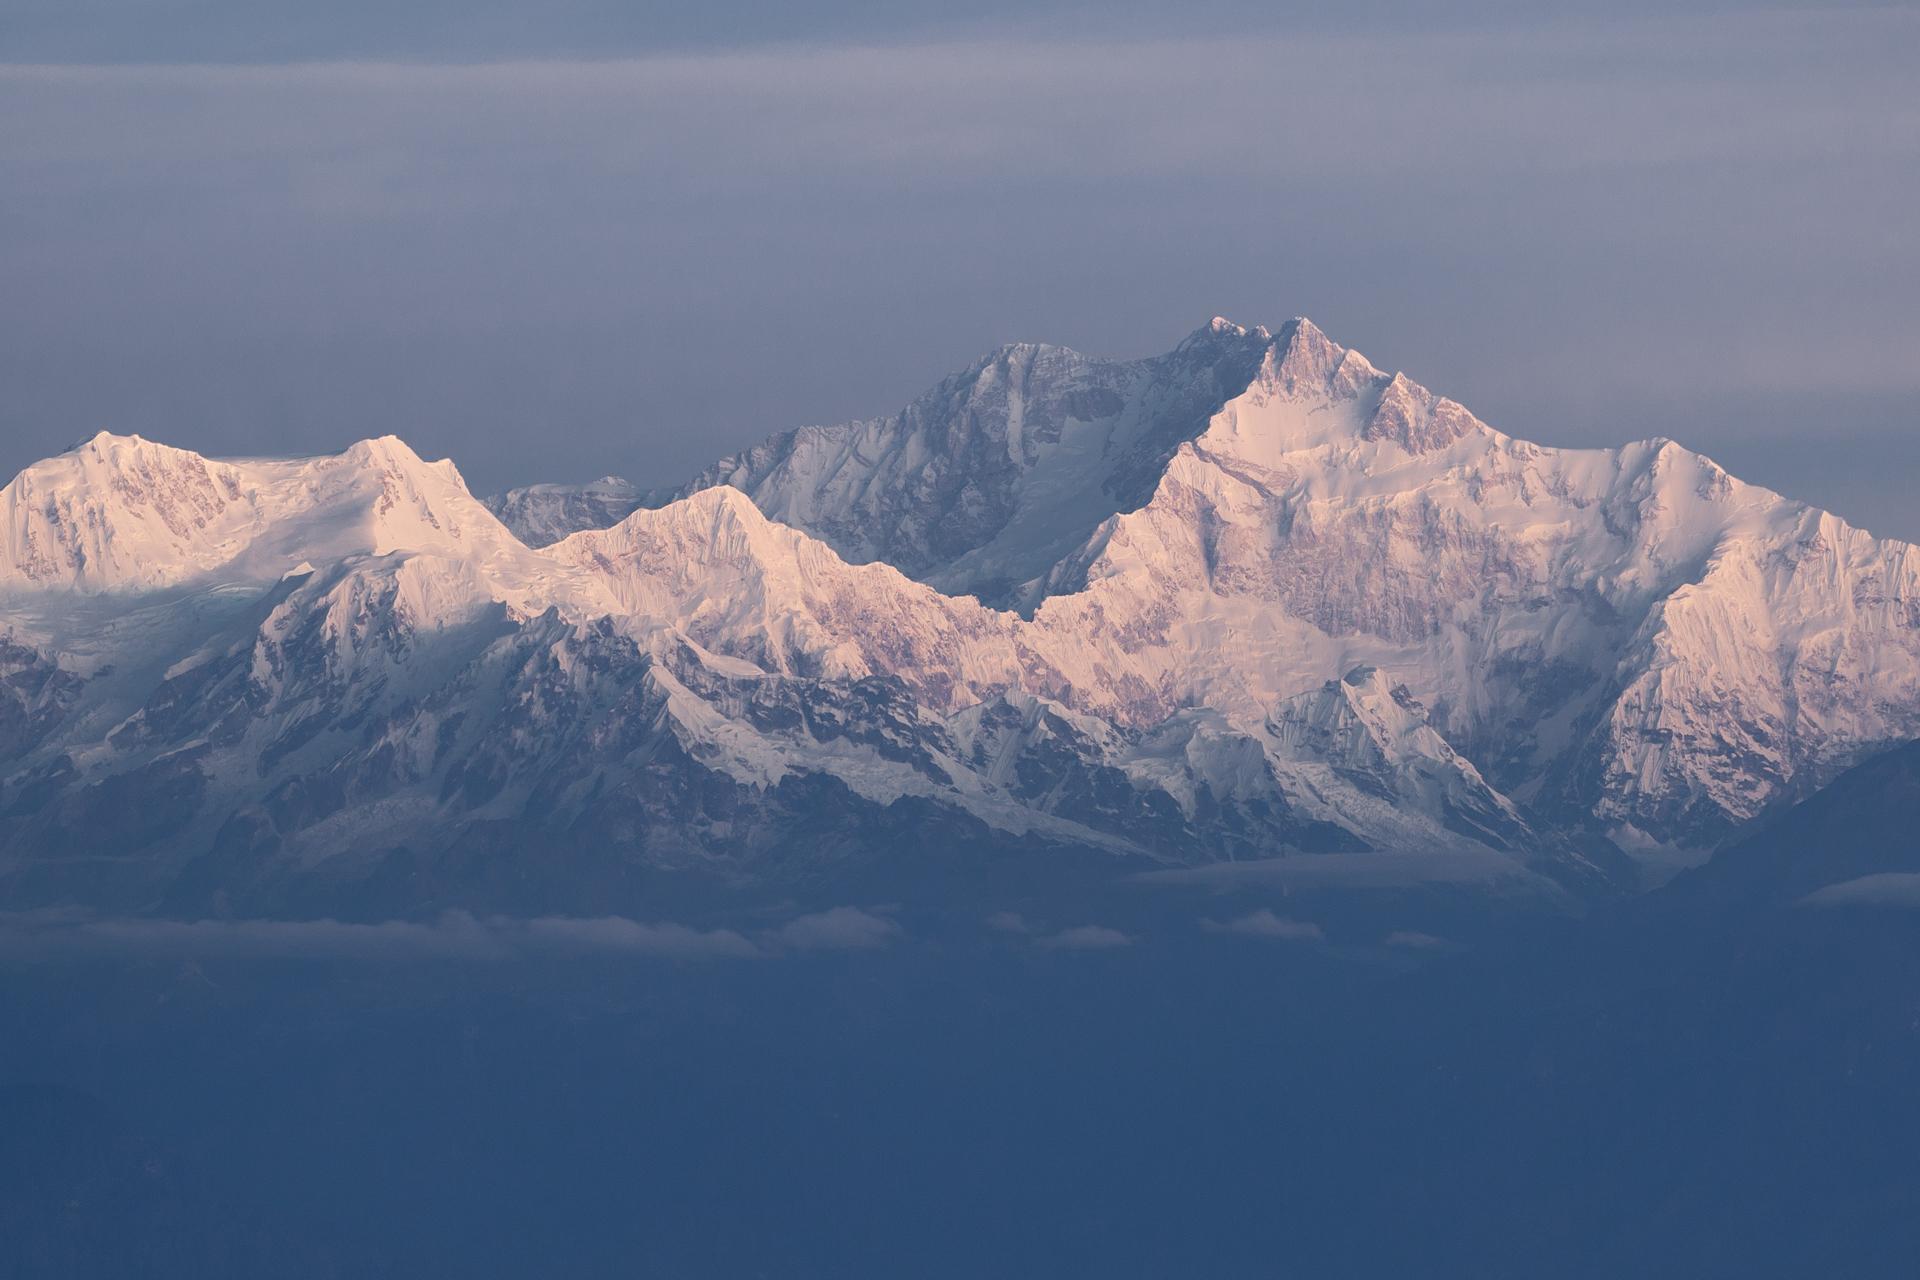 Landscape-Jason-Bax-Nepal_India_Himalaya_6830.jpeg